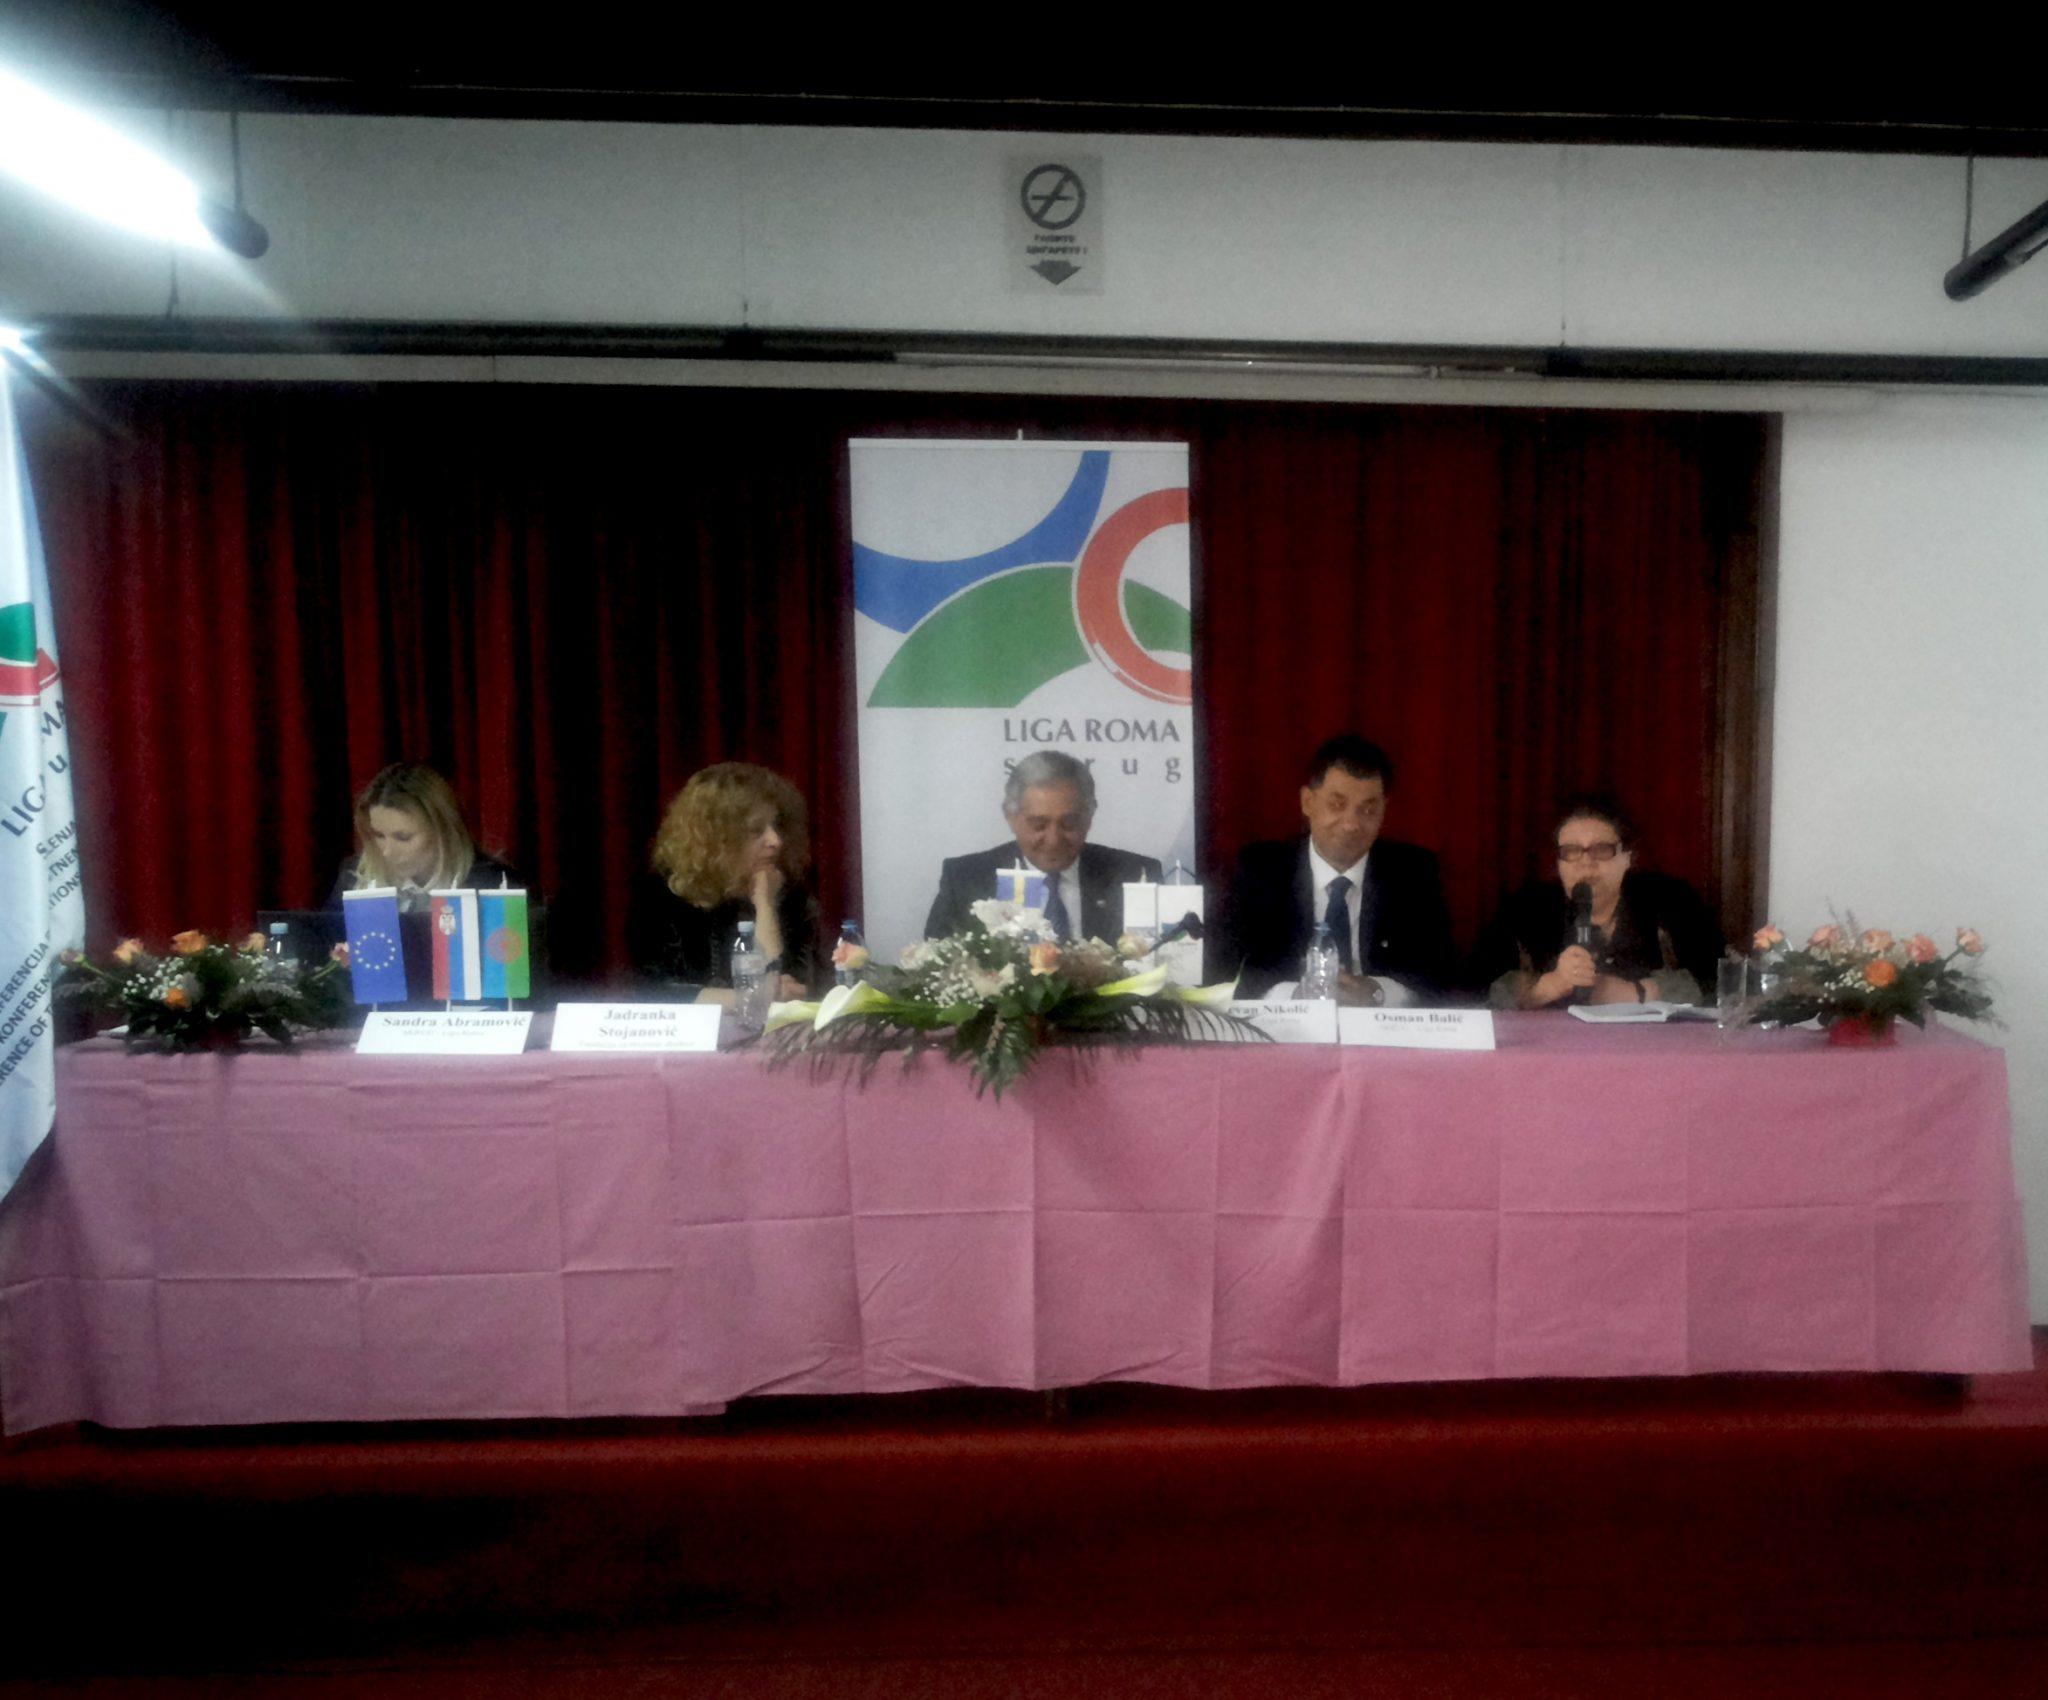 Vreme je da mladi i obrazovani Romi postanu kreatori politika u Srbiji